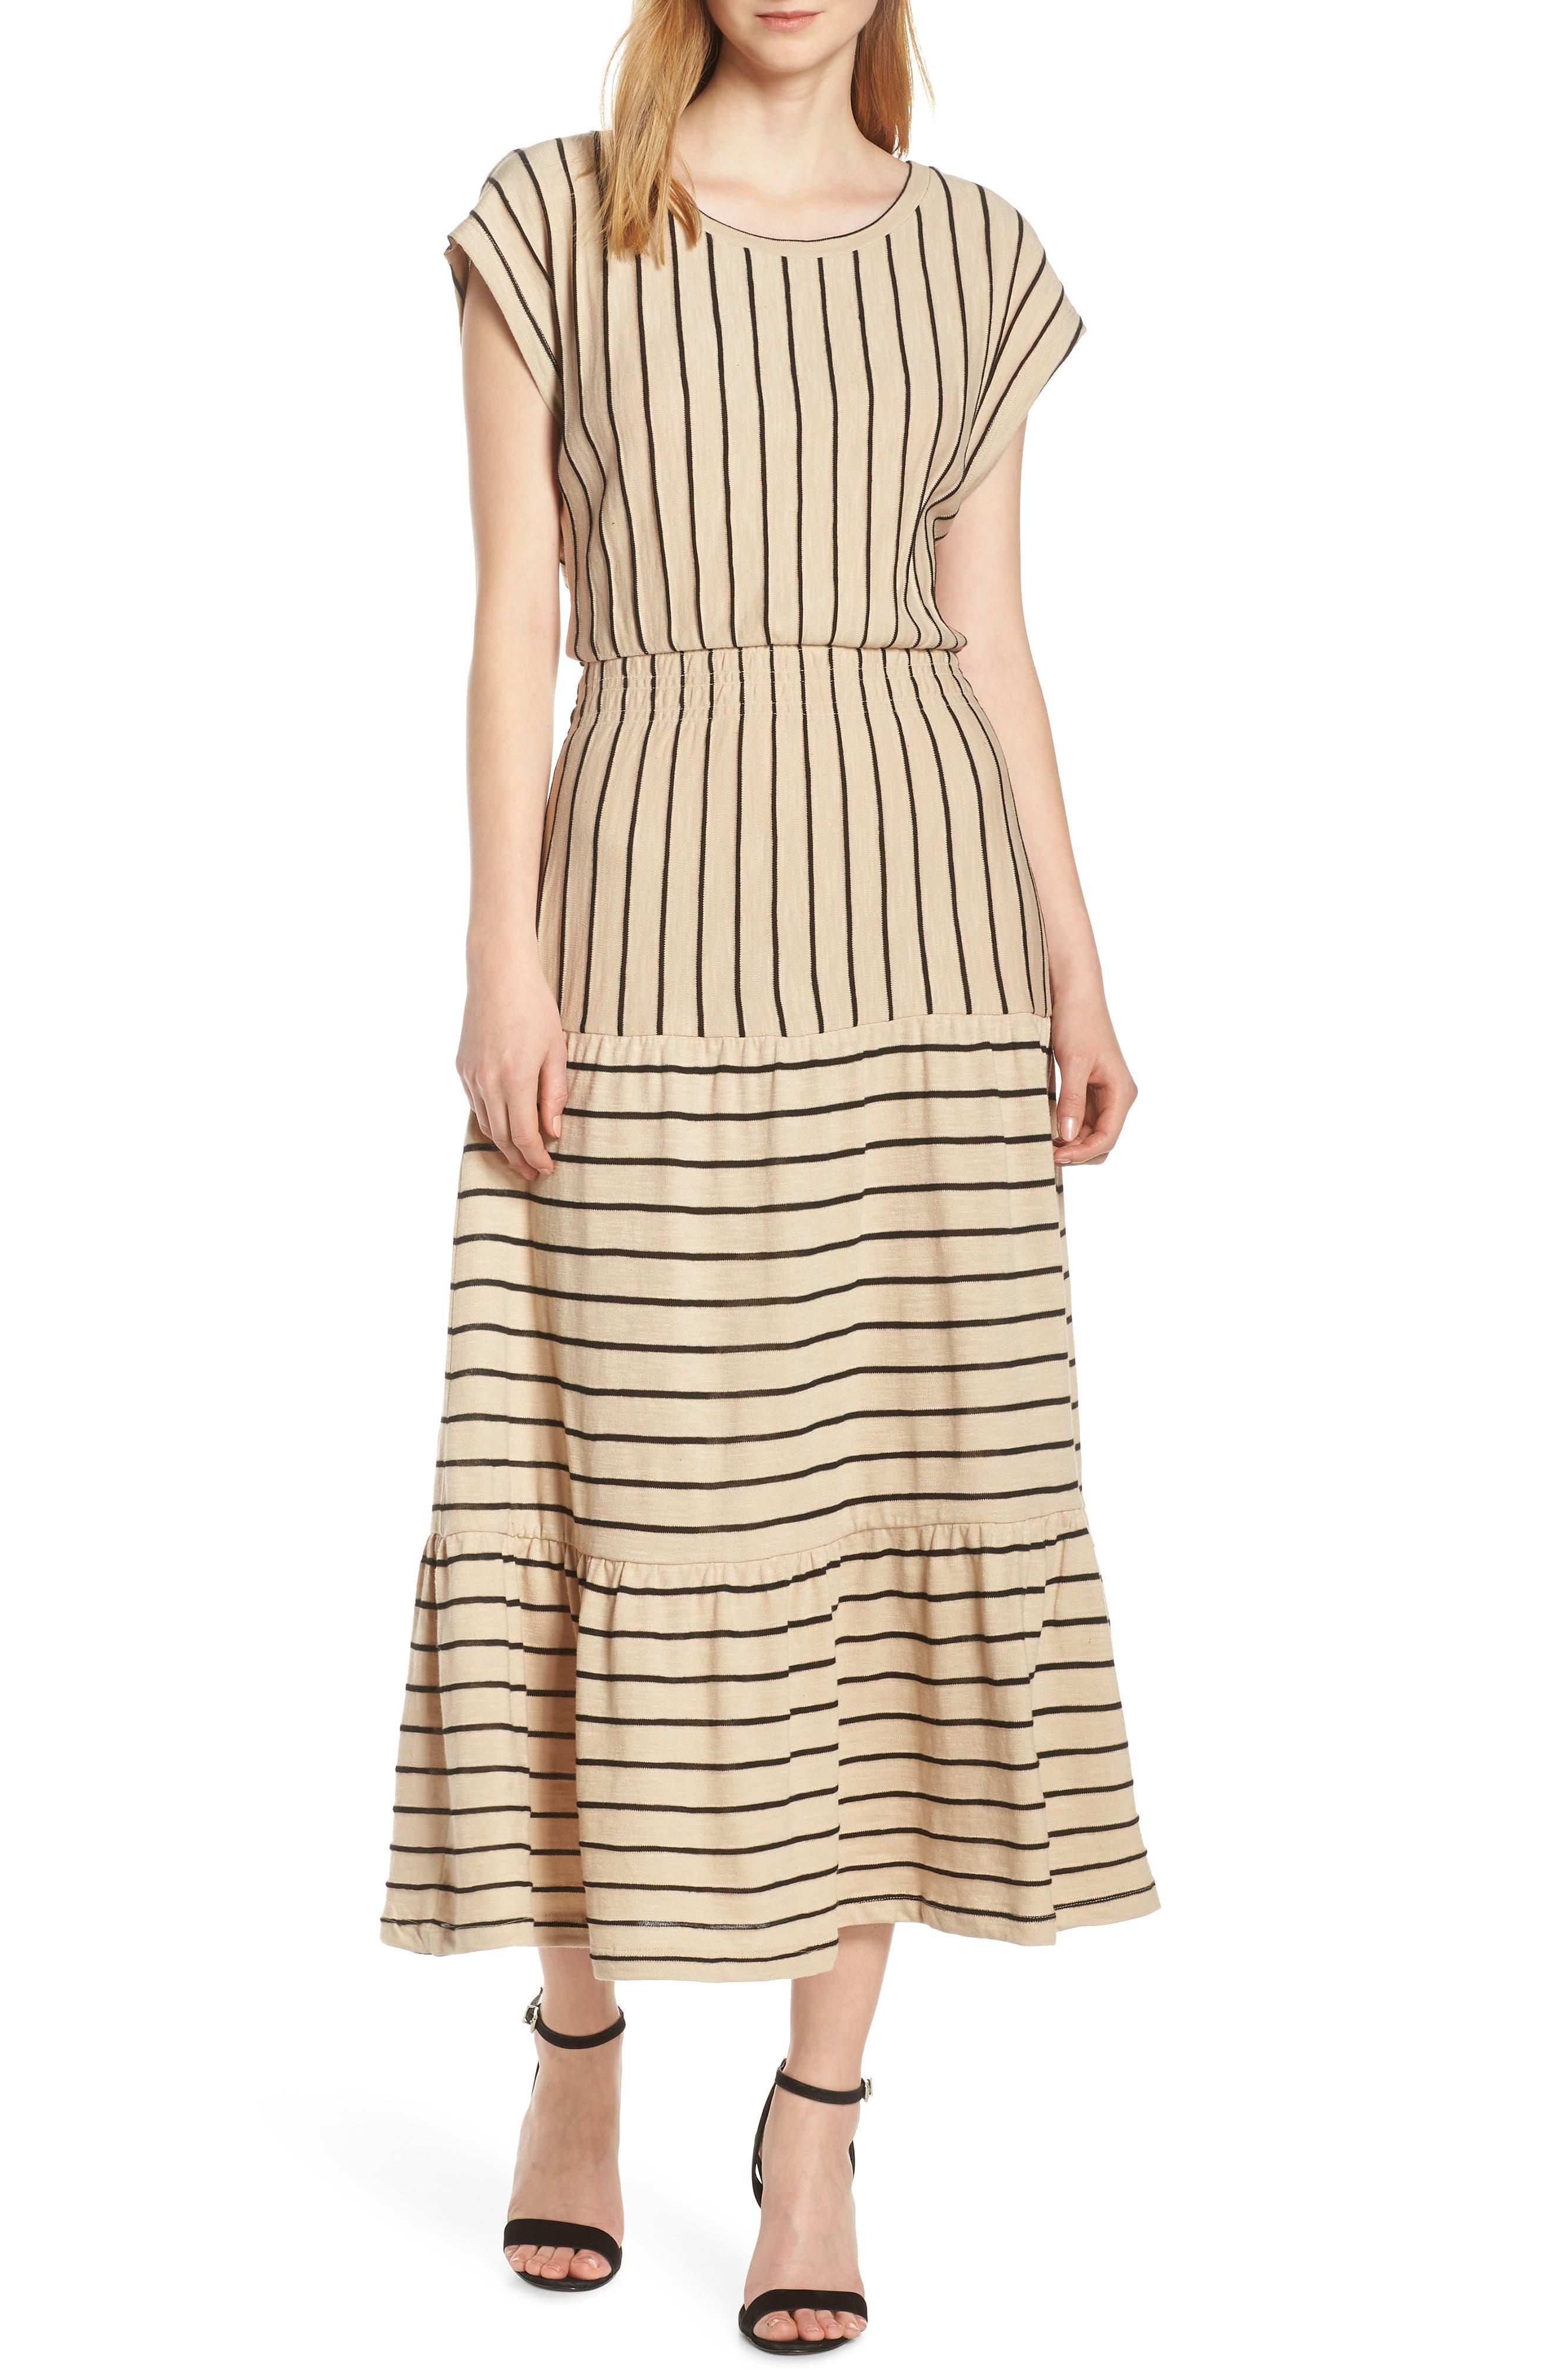 Caara Wesley Stripe Tiered Cotton Knit Dress, Beige